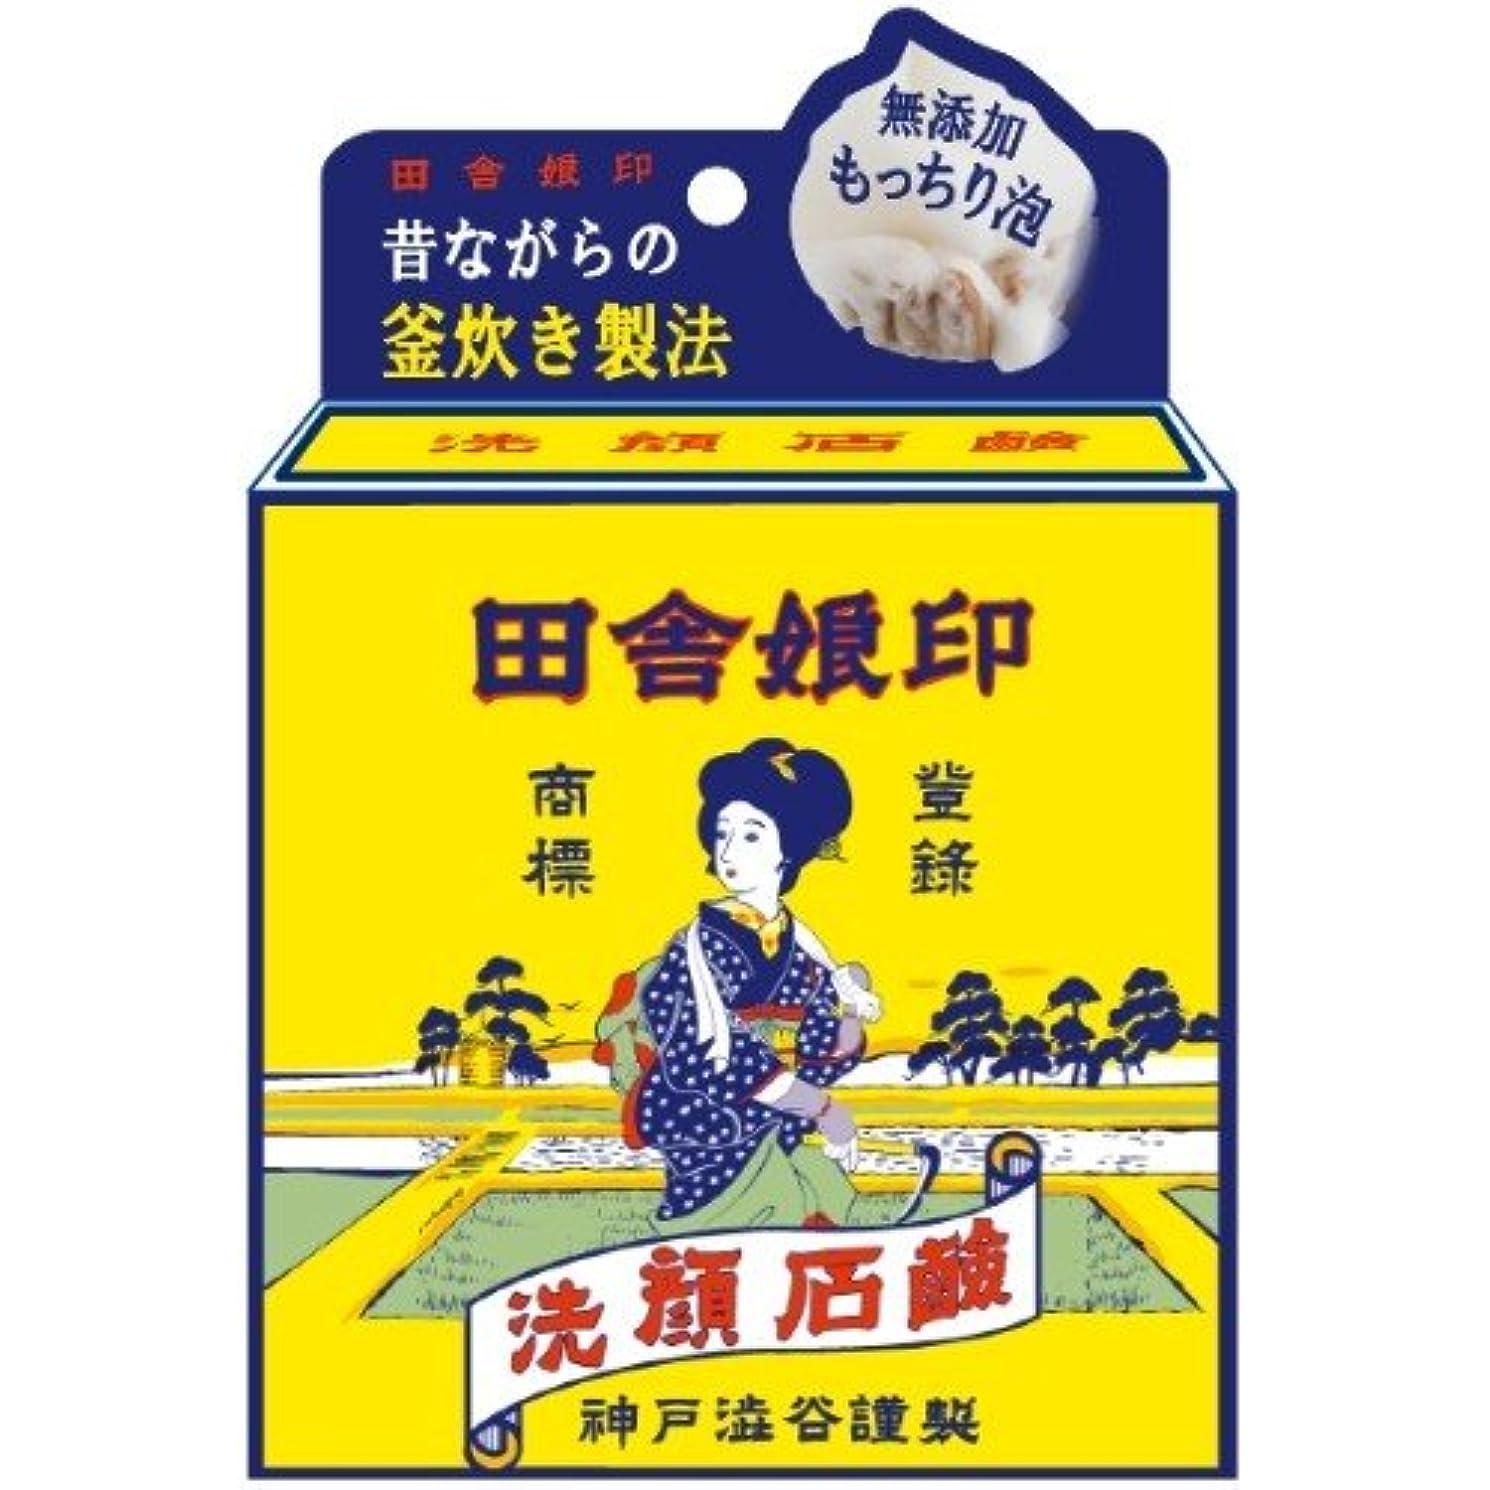 トロリー賞ディンカルビル田舎娘印洗顔石鹸 100g